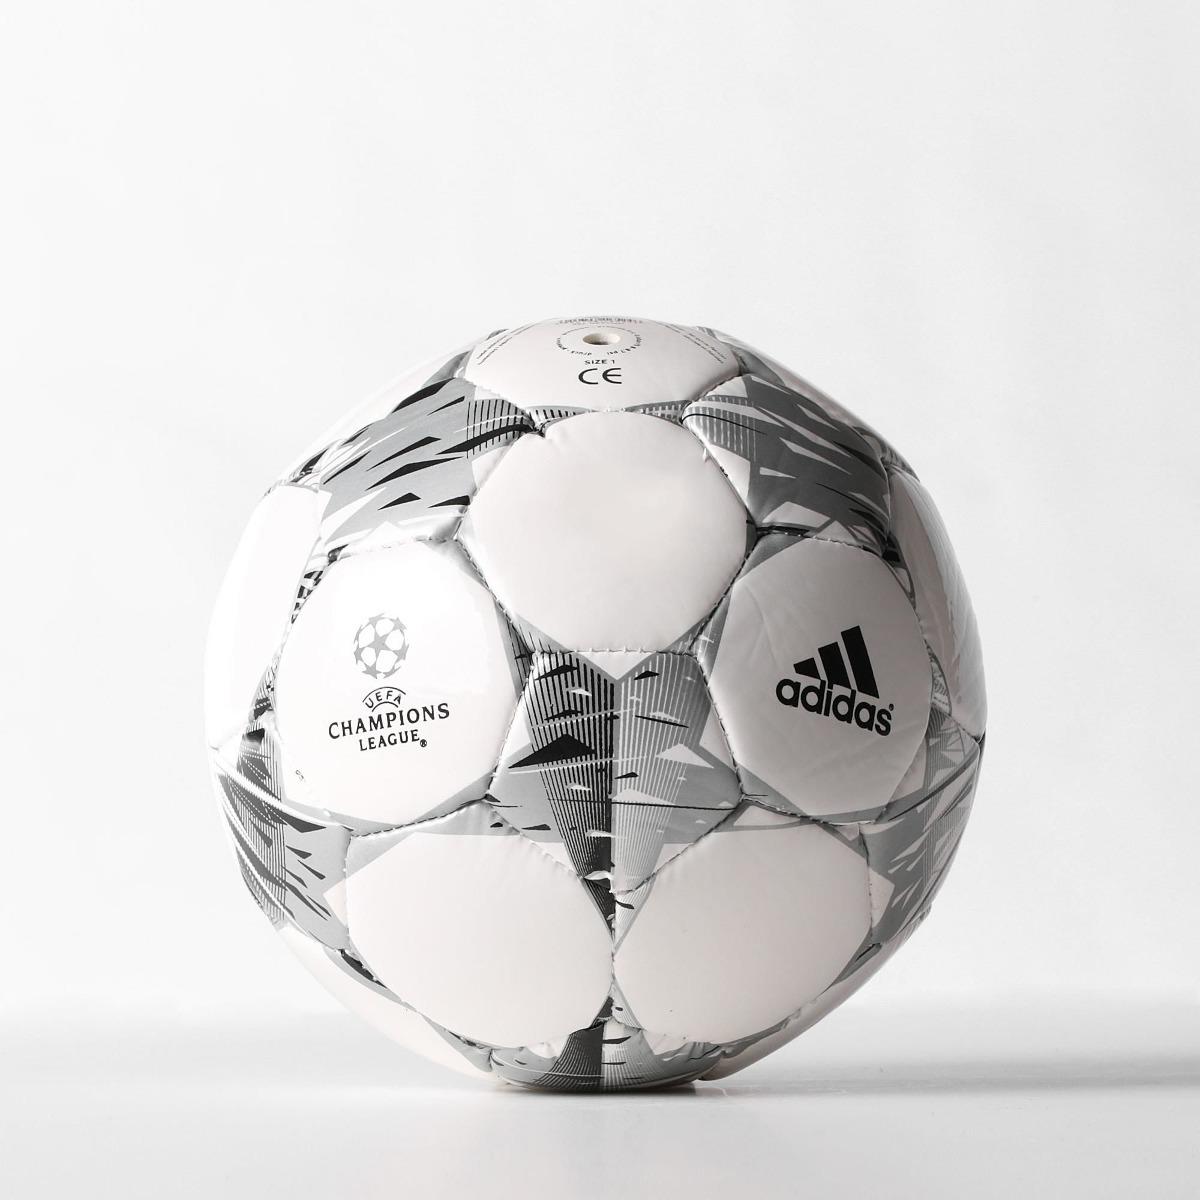 6c726e76c1d1d pelota de futbol adidas nº1 real madrid champions mini. Cargando zoom.